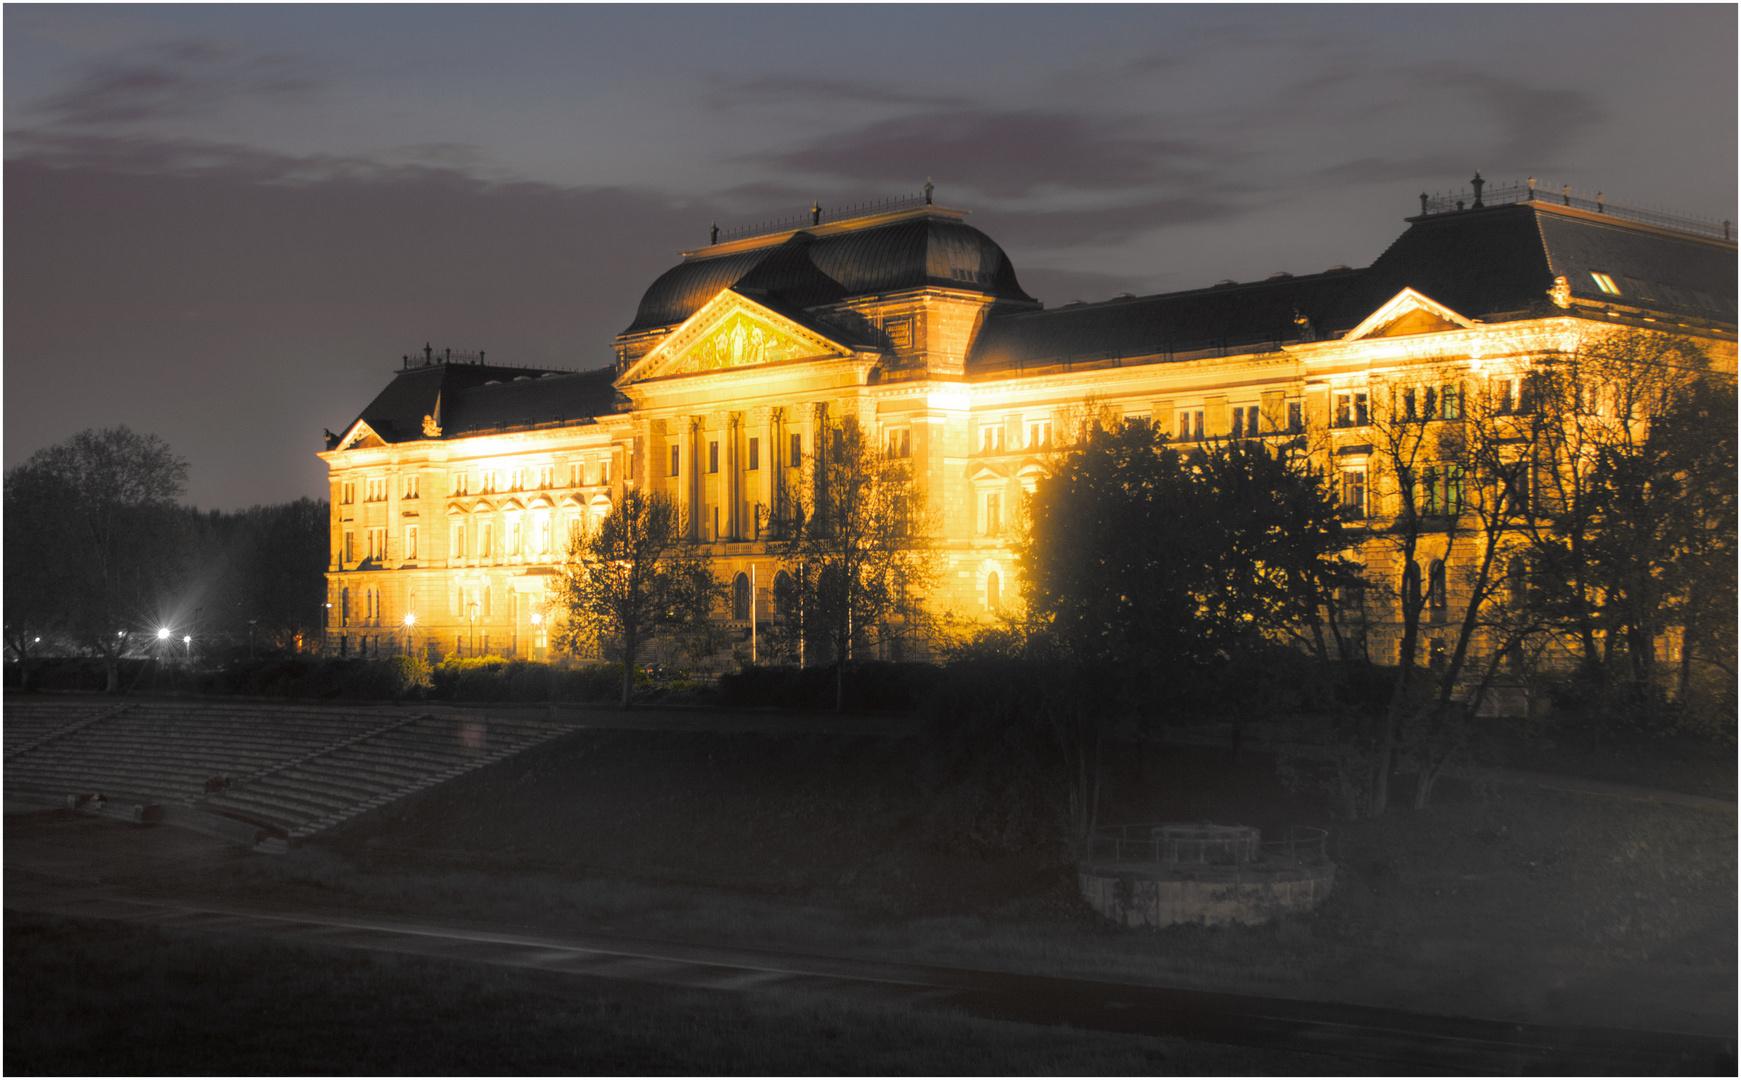 Sächsisches Staatsministerium der Finanzen bei Nacht